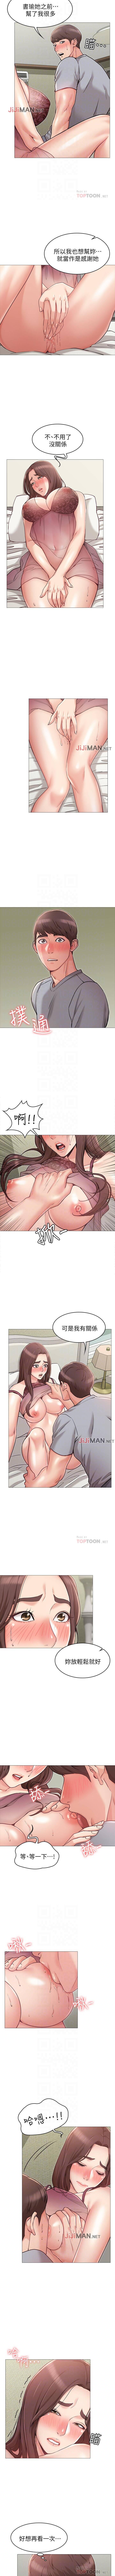 【周六连载】女友的姐姐(作者:橡果人&獵狗) 第1~14话 29